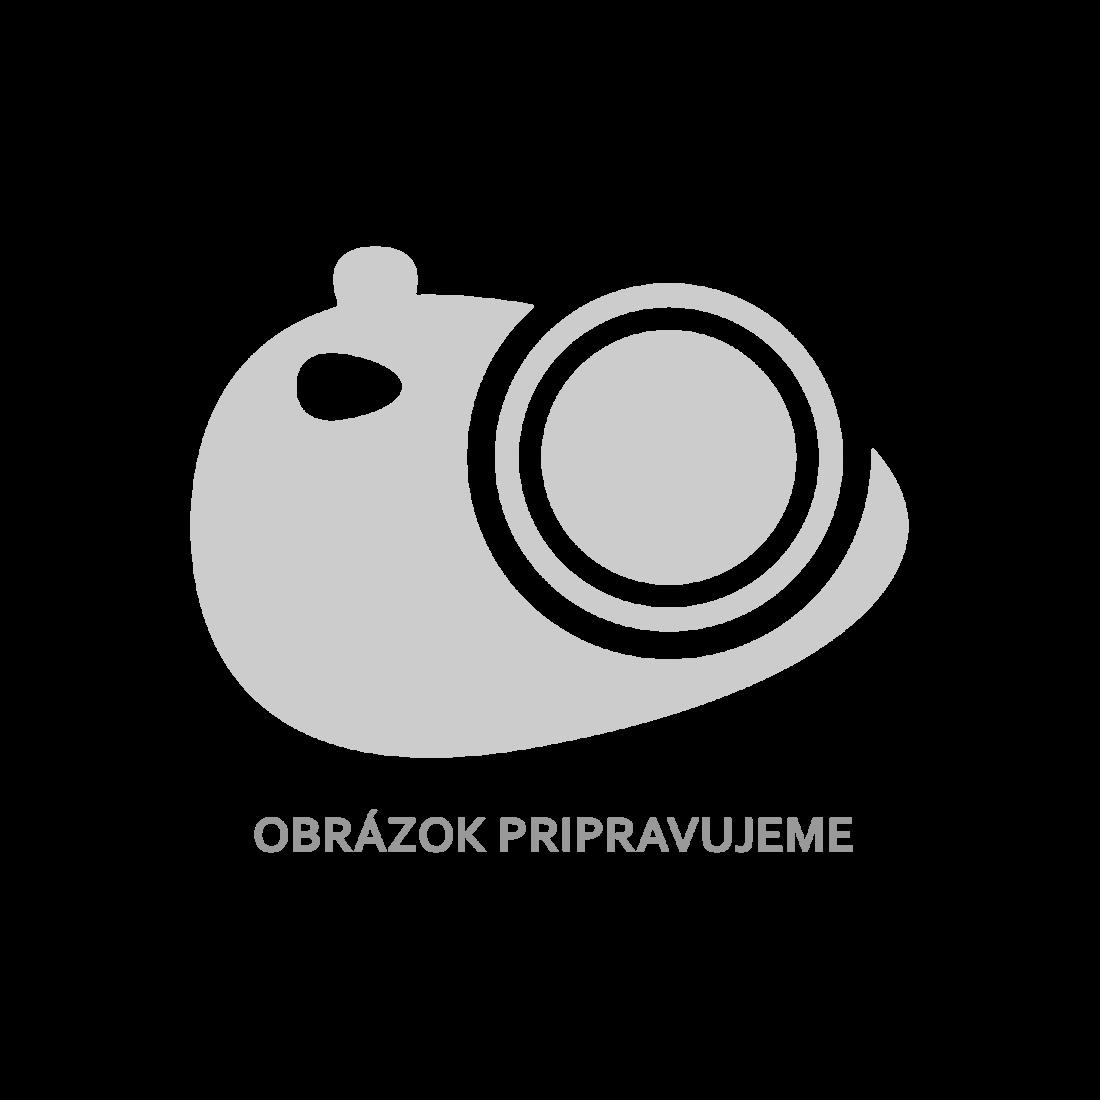 vidaXL Zahradní úložný box antracitový 116 x 44 x 55 cm [49445]